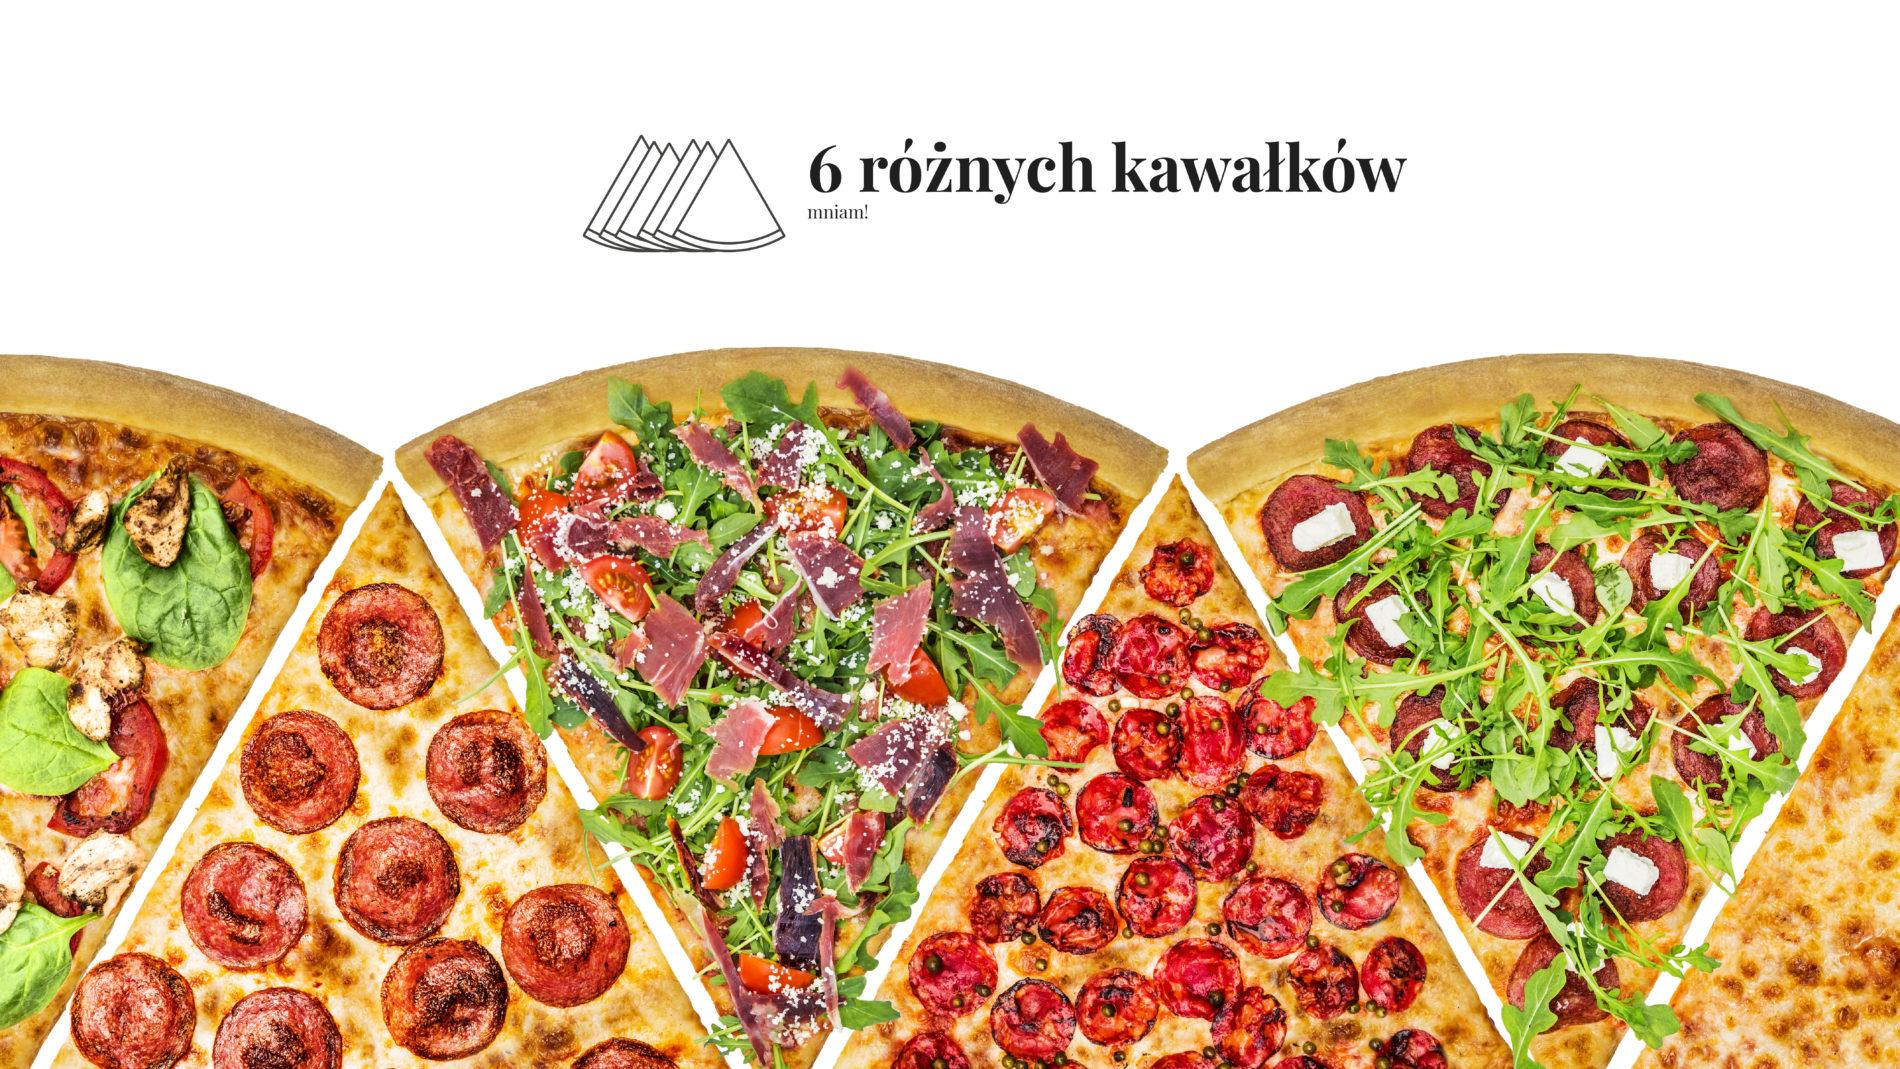 Pizza 60 freebee system – 6 rożnych kawałków, mniam!